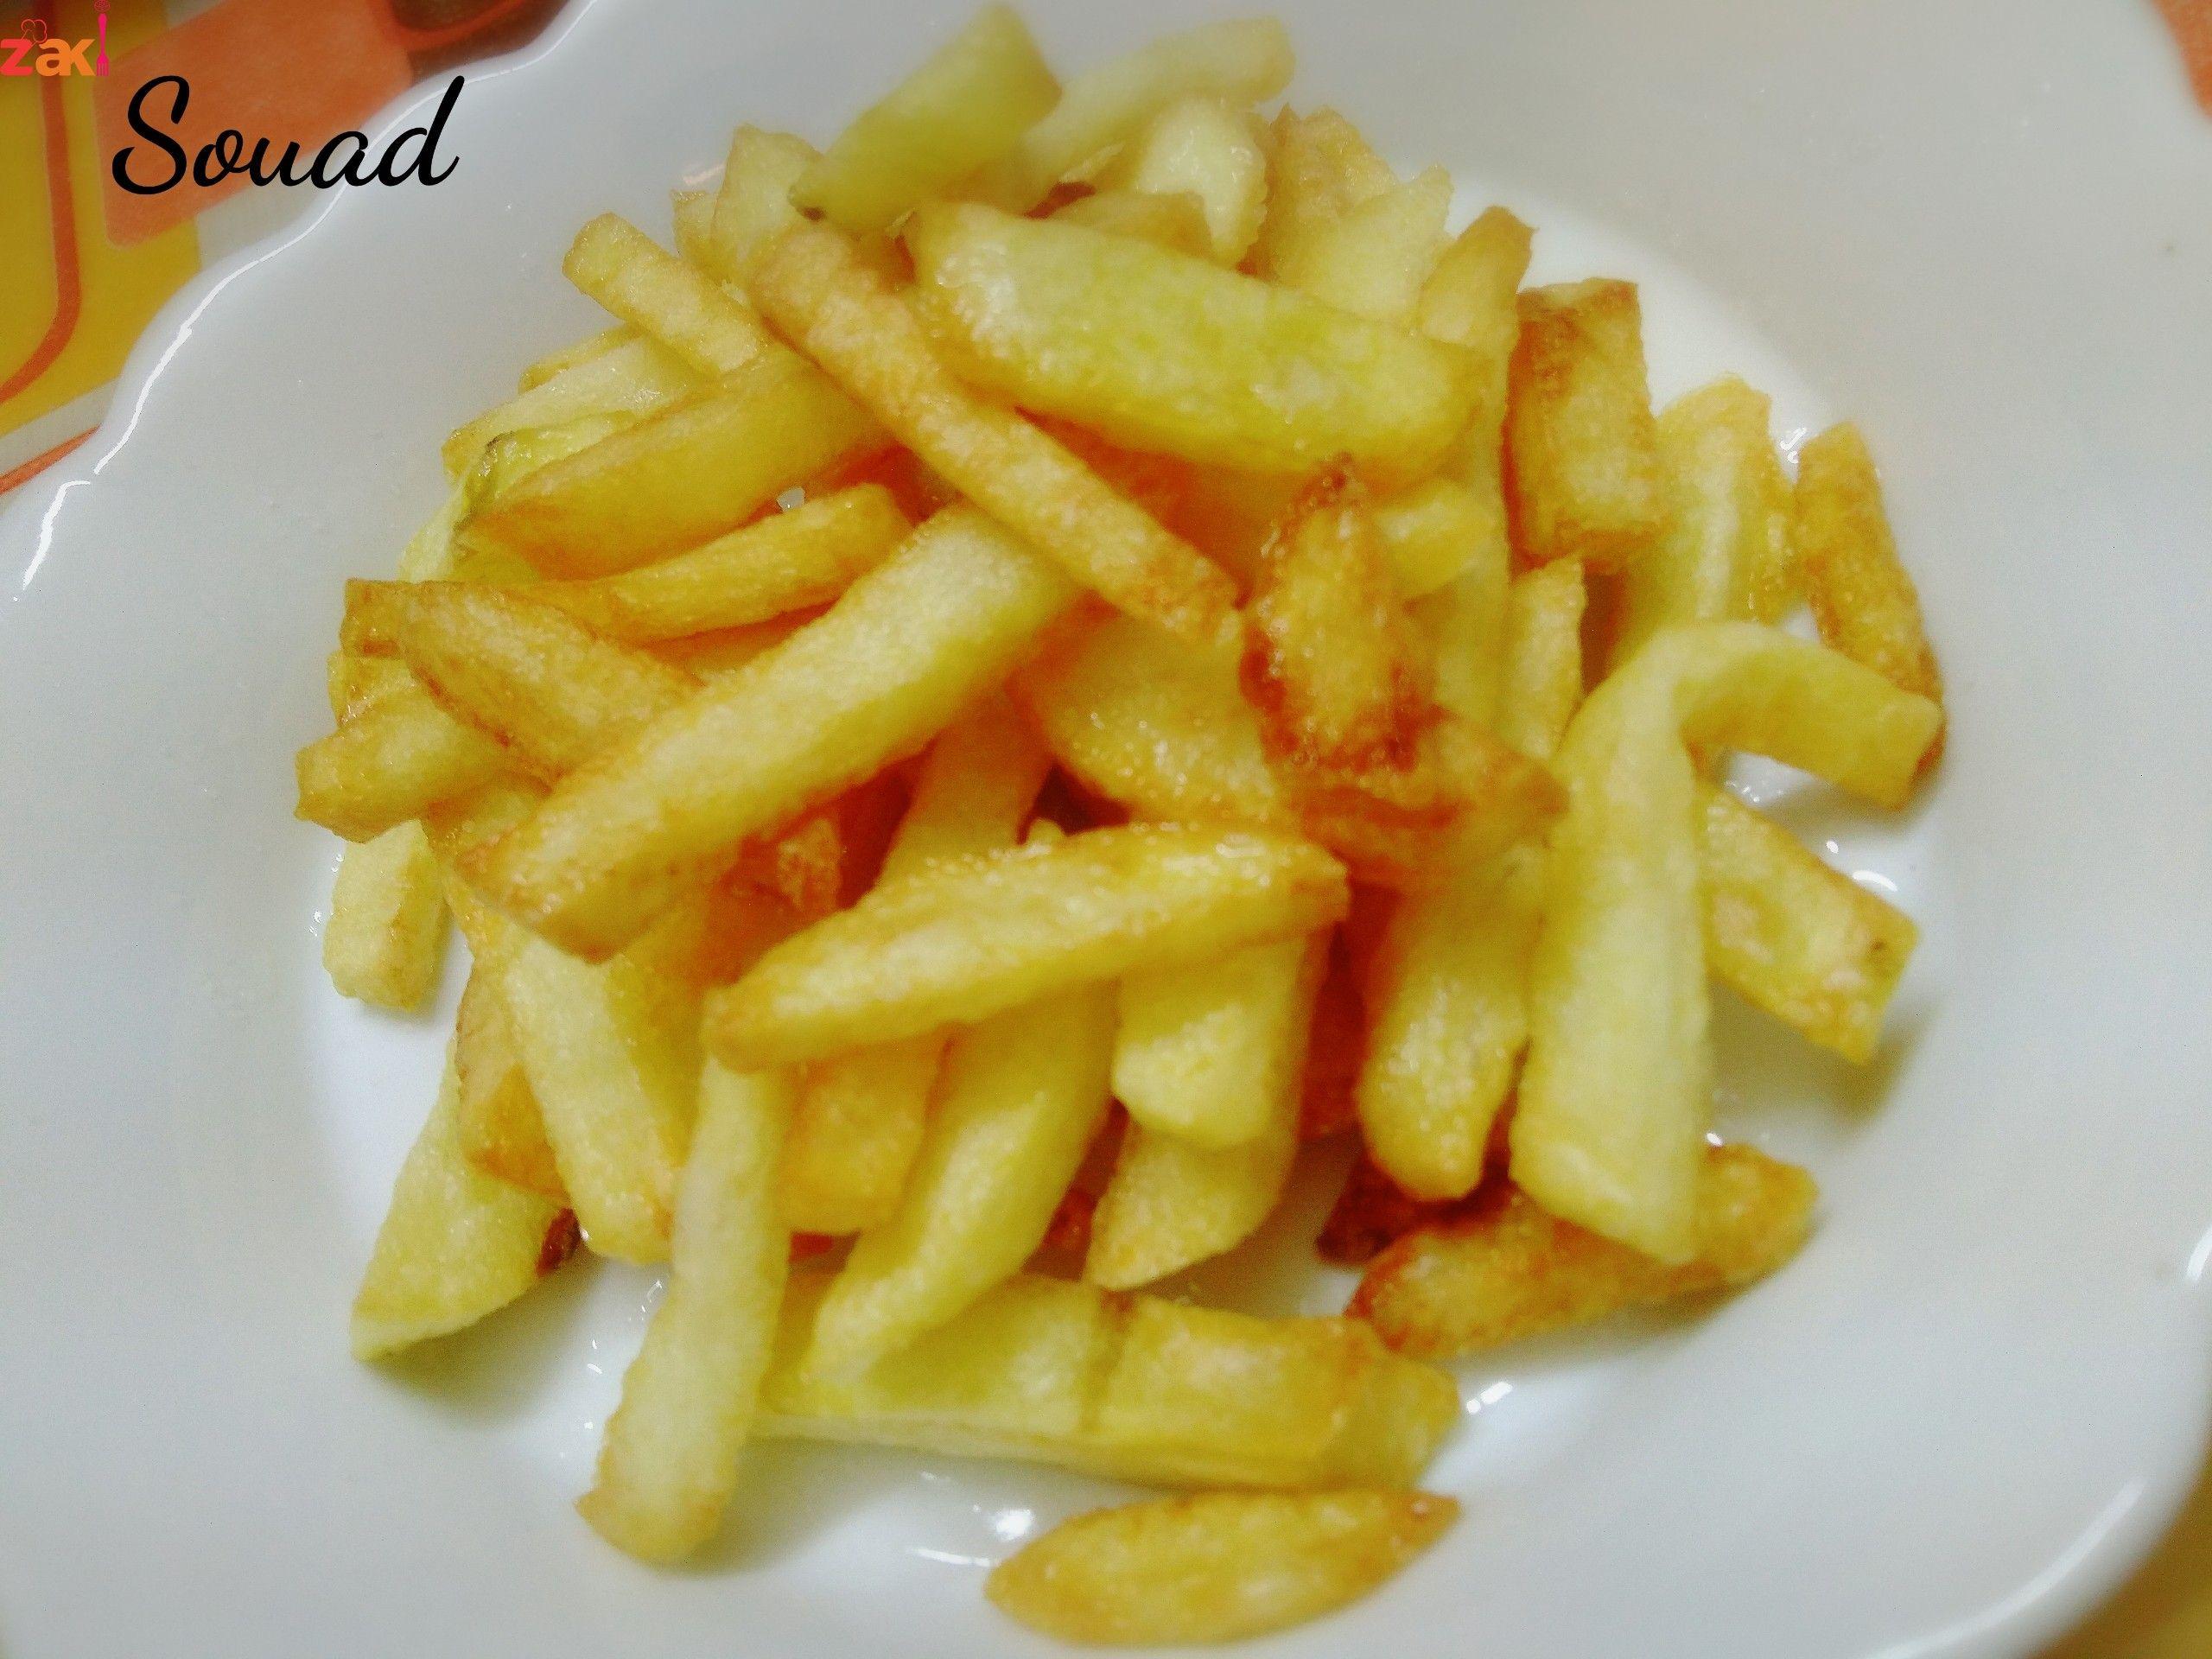 سر قرمشة أصابع البطاطس زاكي Food Side Plates Tableware